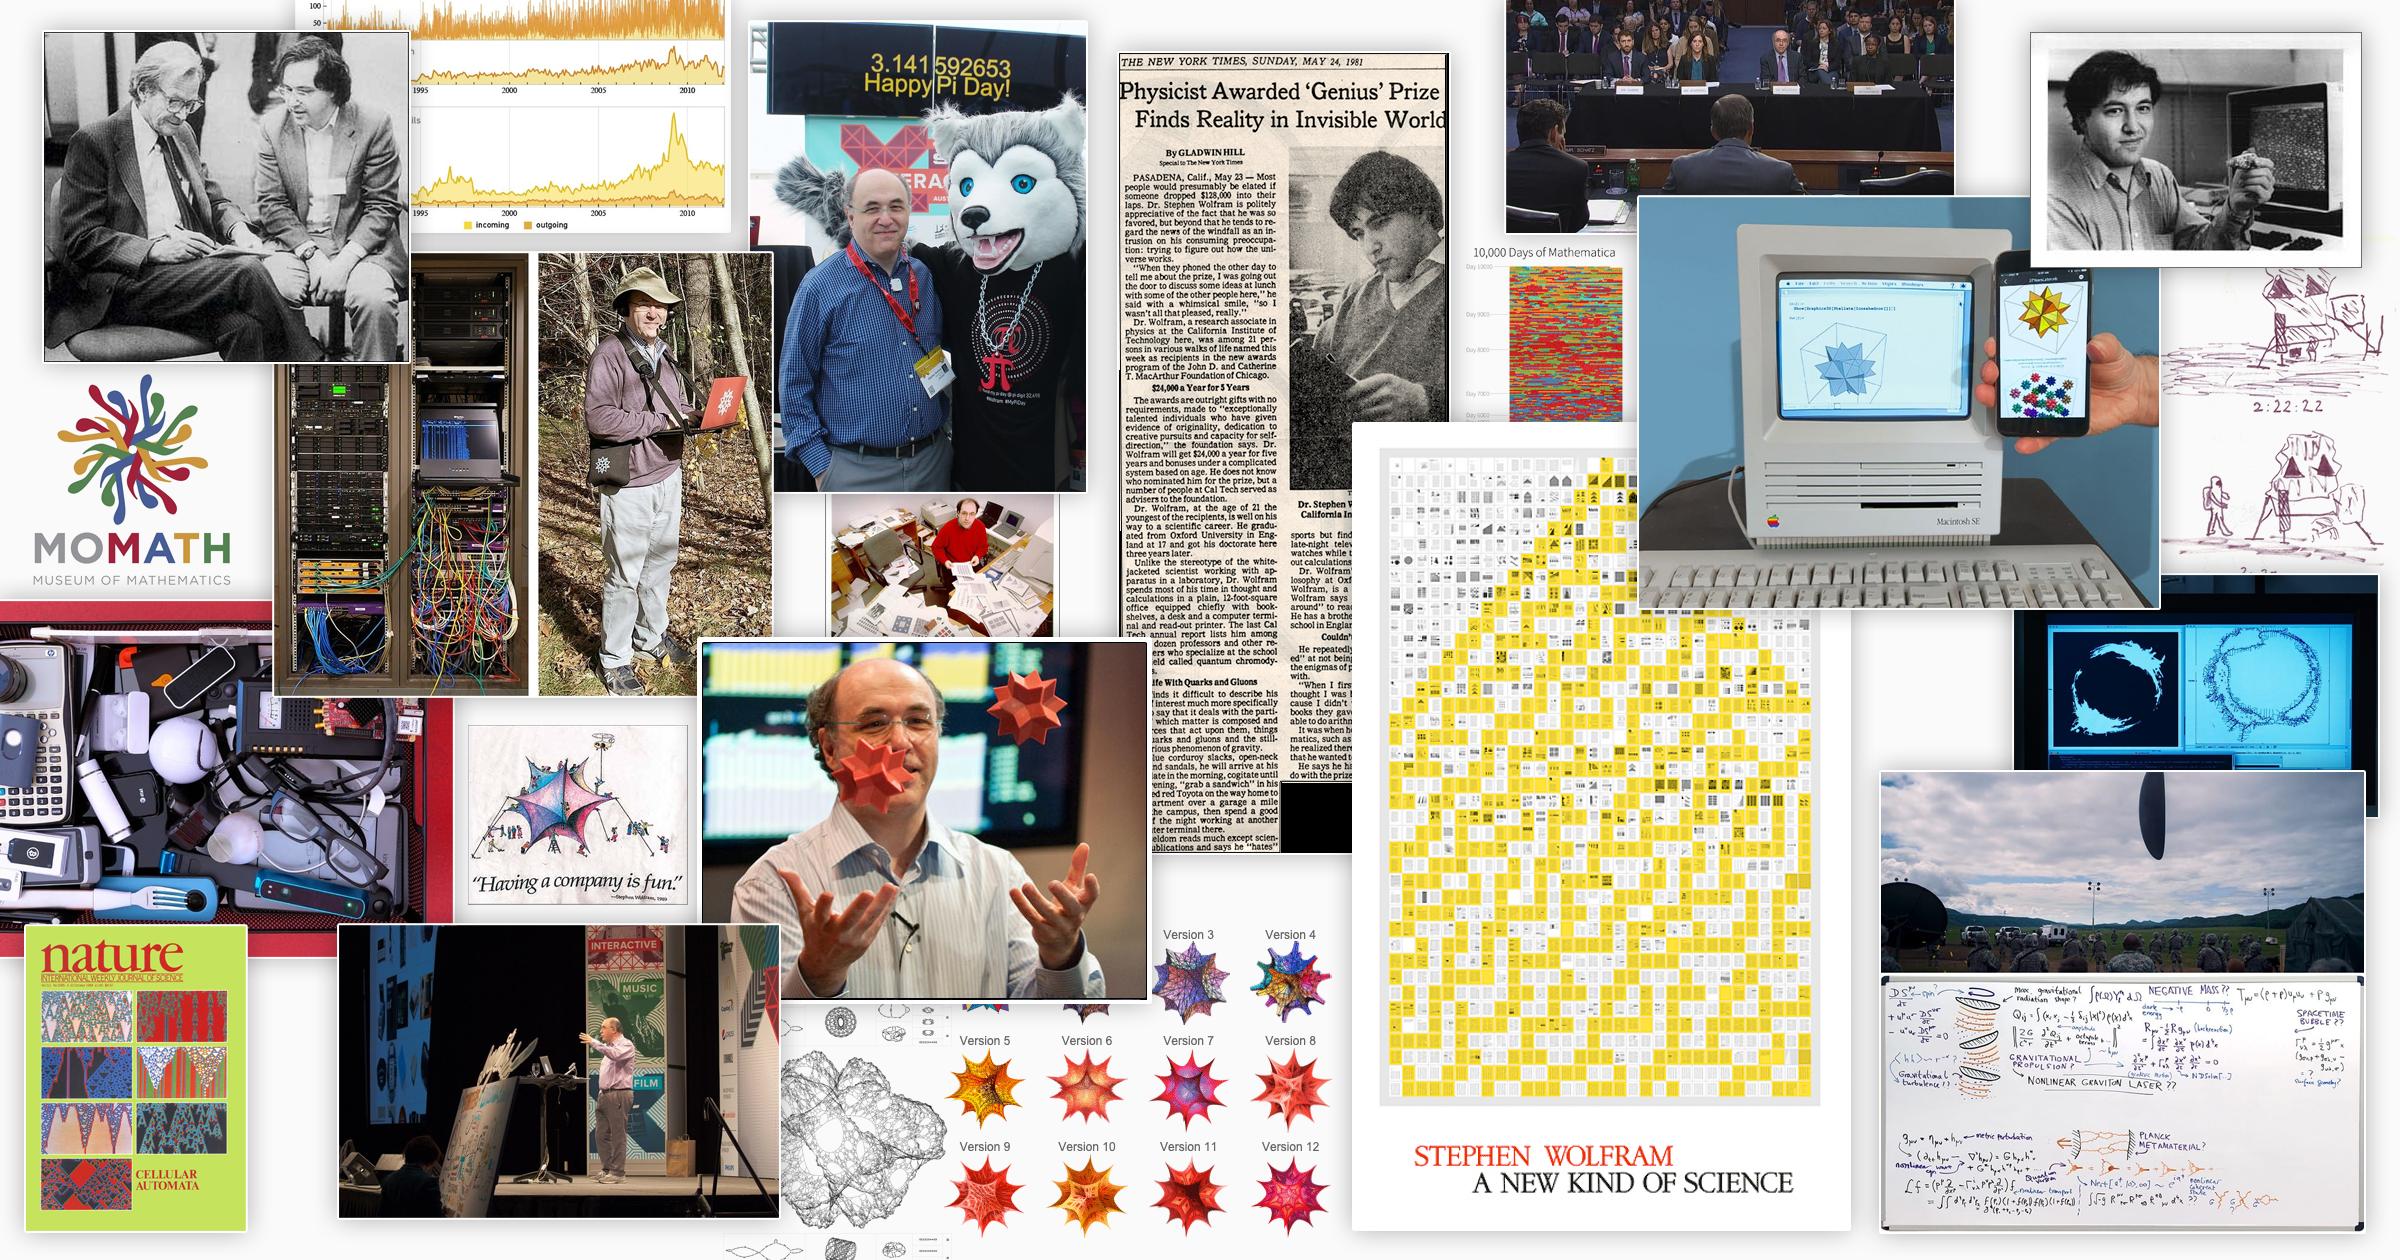 Моменты жизни Стивена Вольфрама — создателя Mathematica, Wolfram|Alpha, A New Kind Of Science и много чего ещё / Wolfram Research corporate blog / Habr